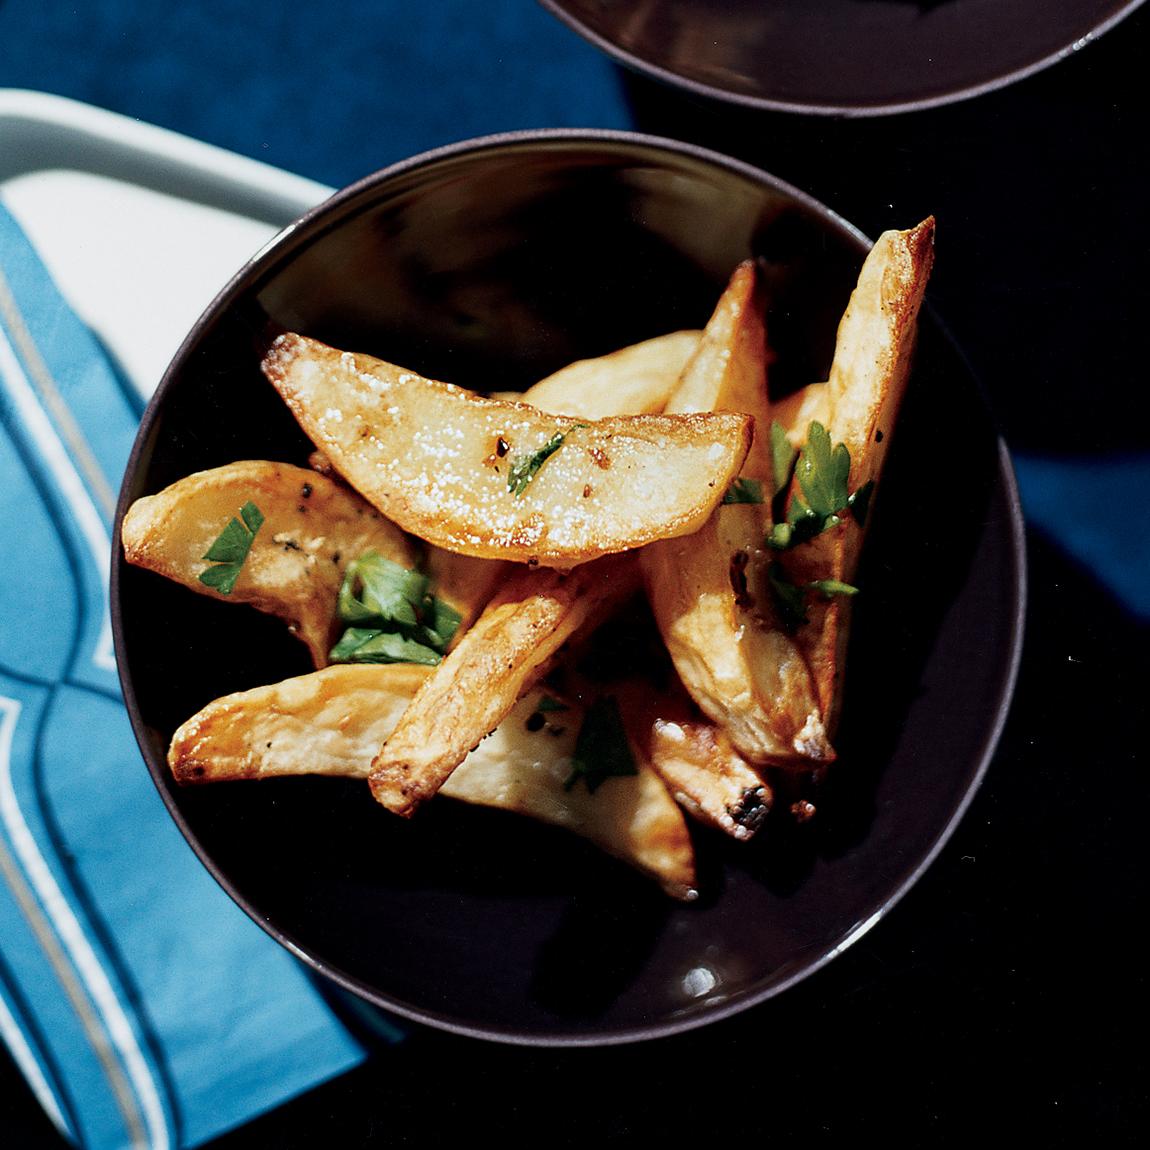 garlic cottage fries